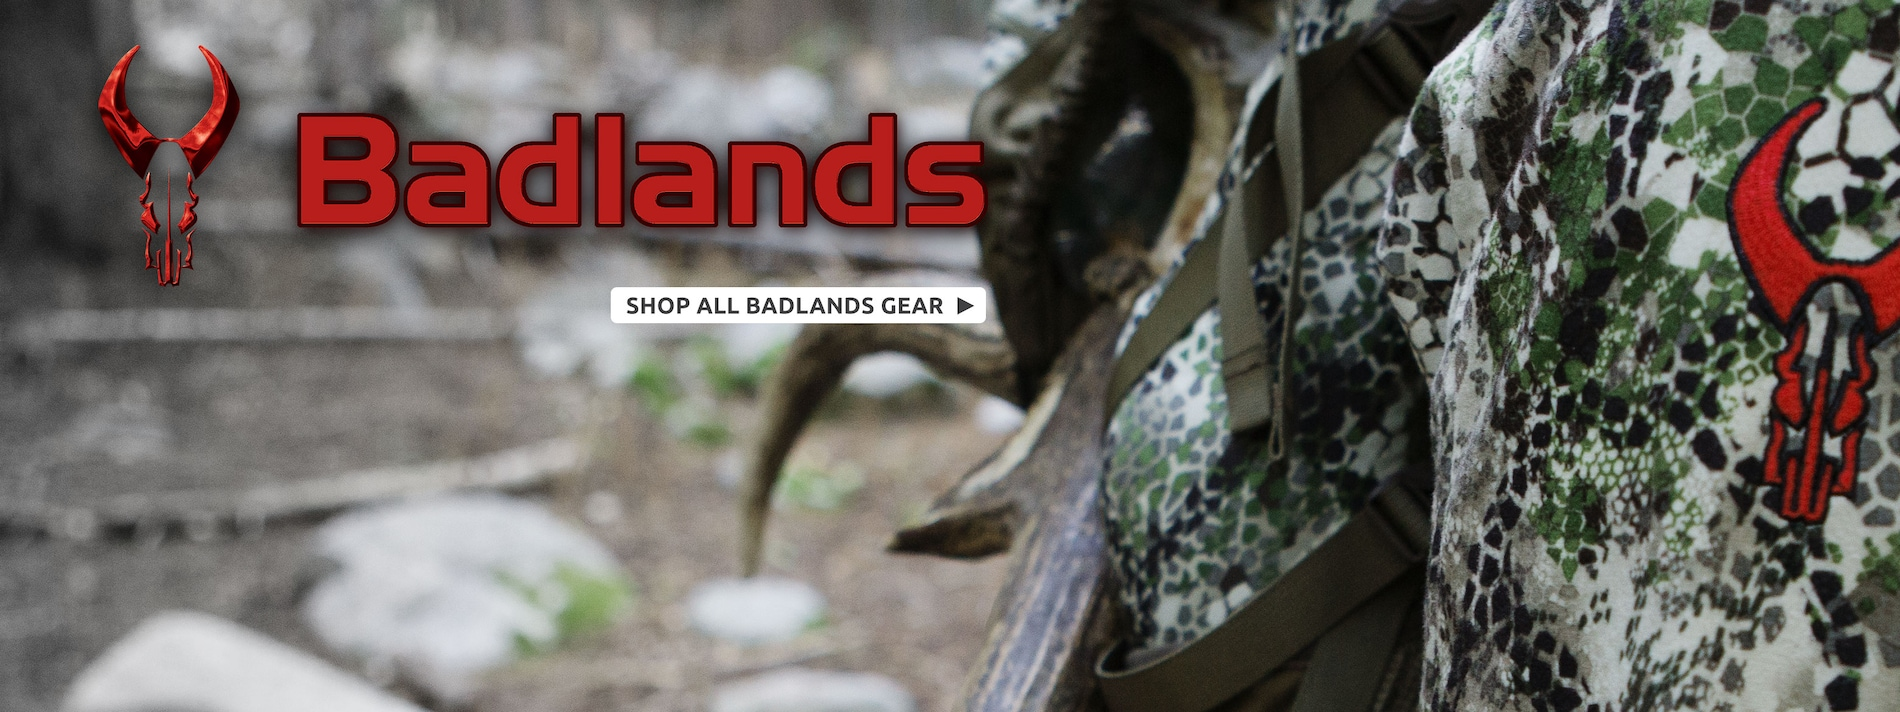 Shop All Badlands